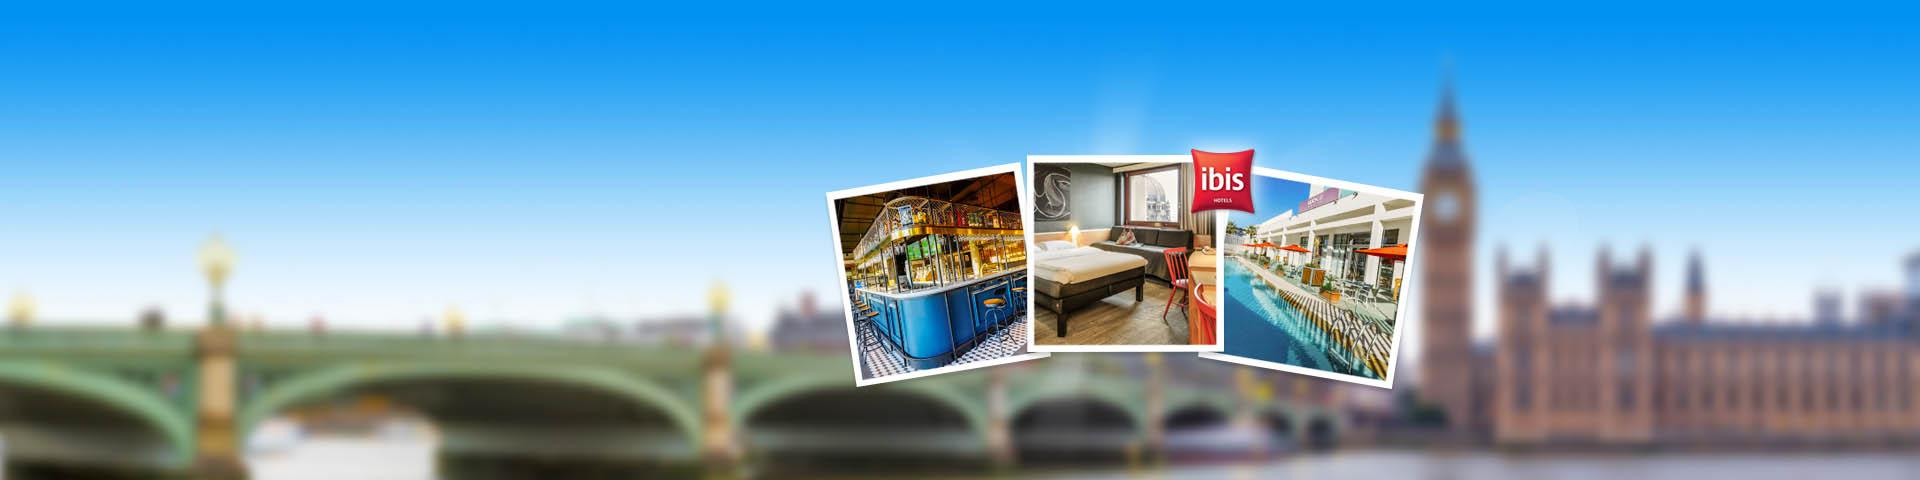 Foto's van faciliteiten van Ibis hotels